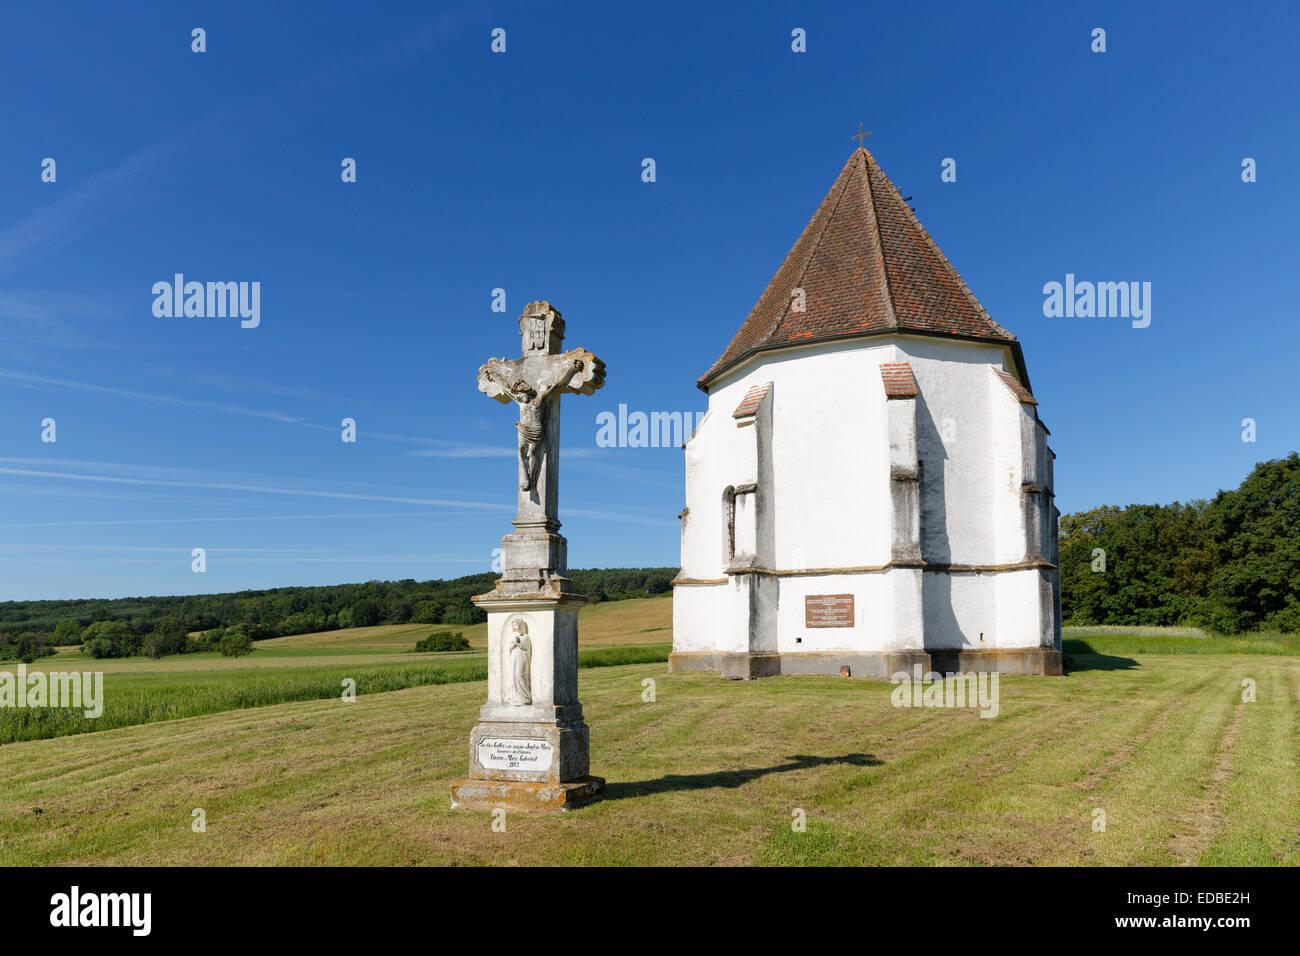 Martin's Church, Deutsch Schützen-Eisenberg, Southern Burgenland, Burgenland, Austria - Stock Image